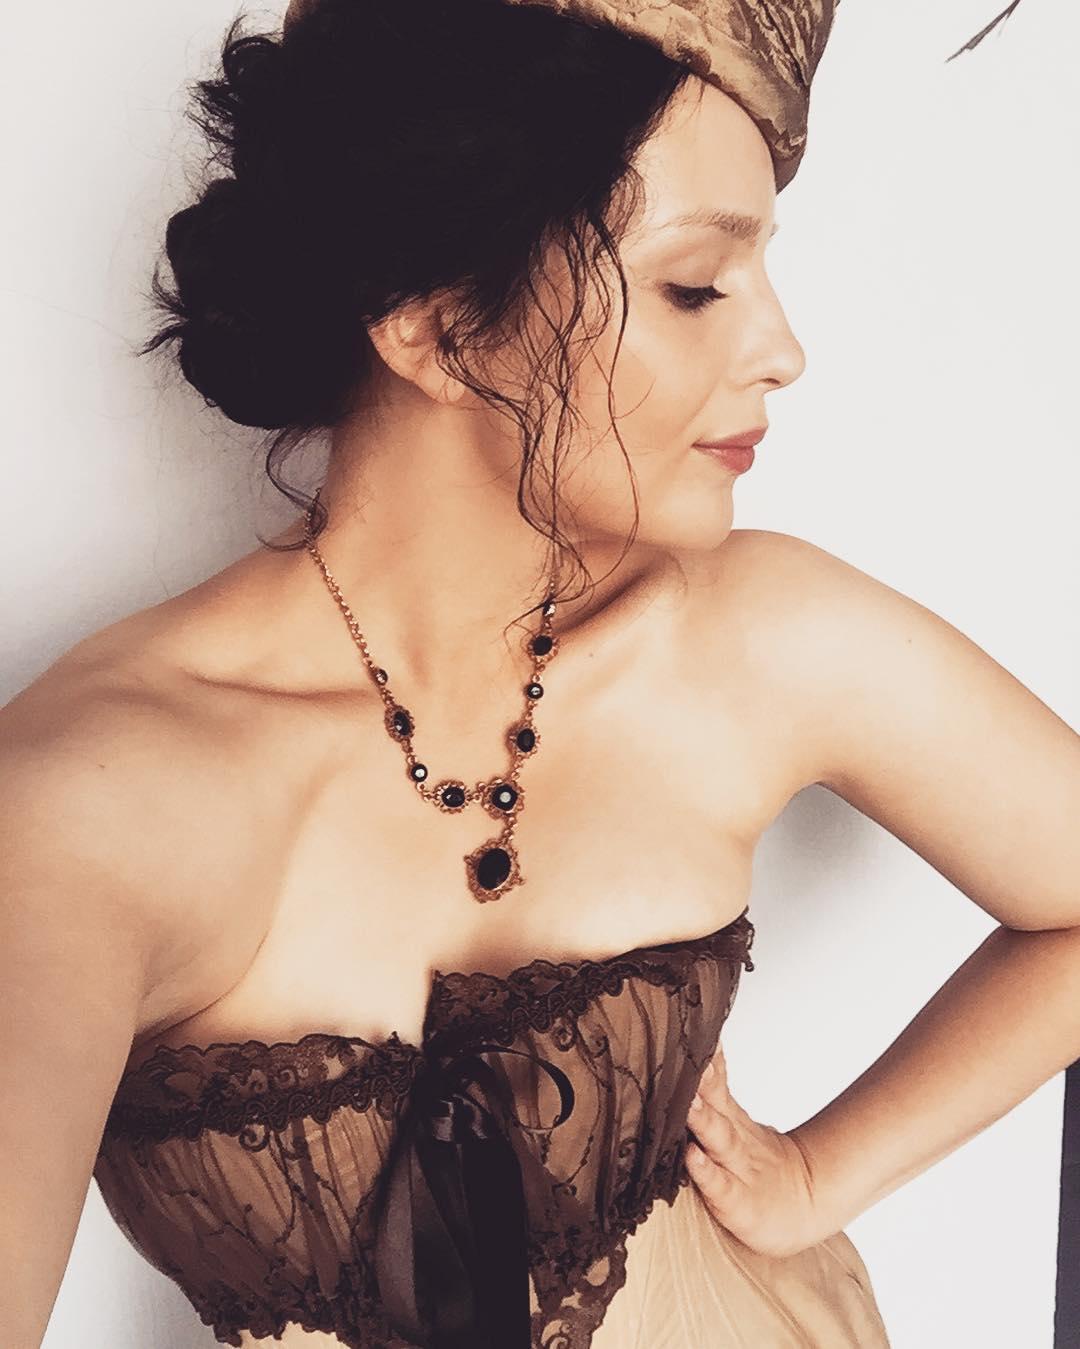 Ксения Лукьянчикова: кино, вино и домино...#ялюблюсвоюработу #извсехискусствдлянасважнейшимявляетсякино